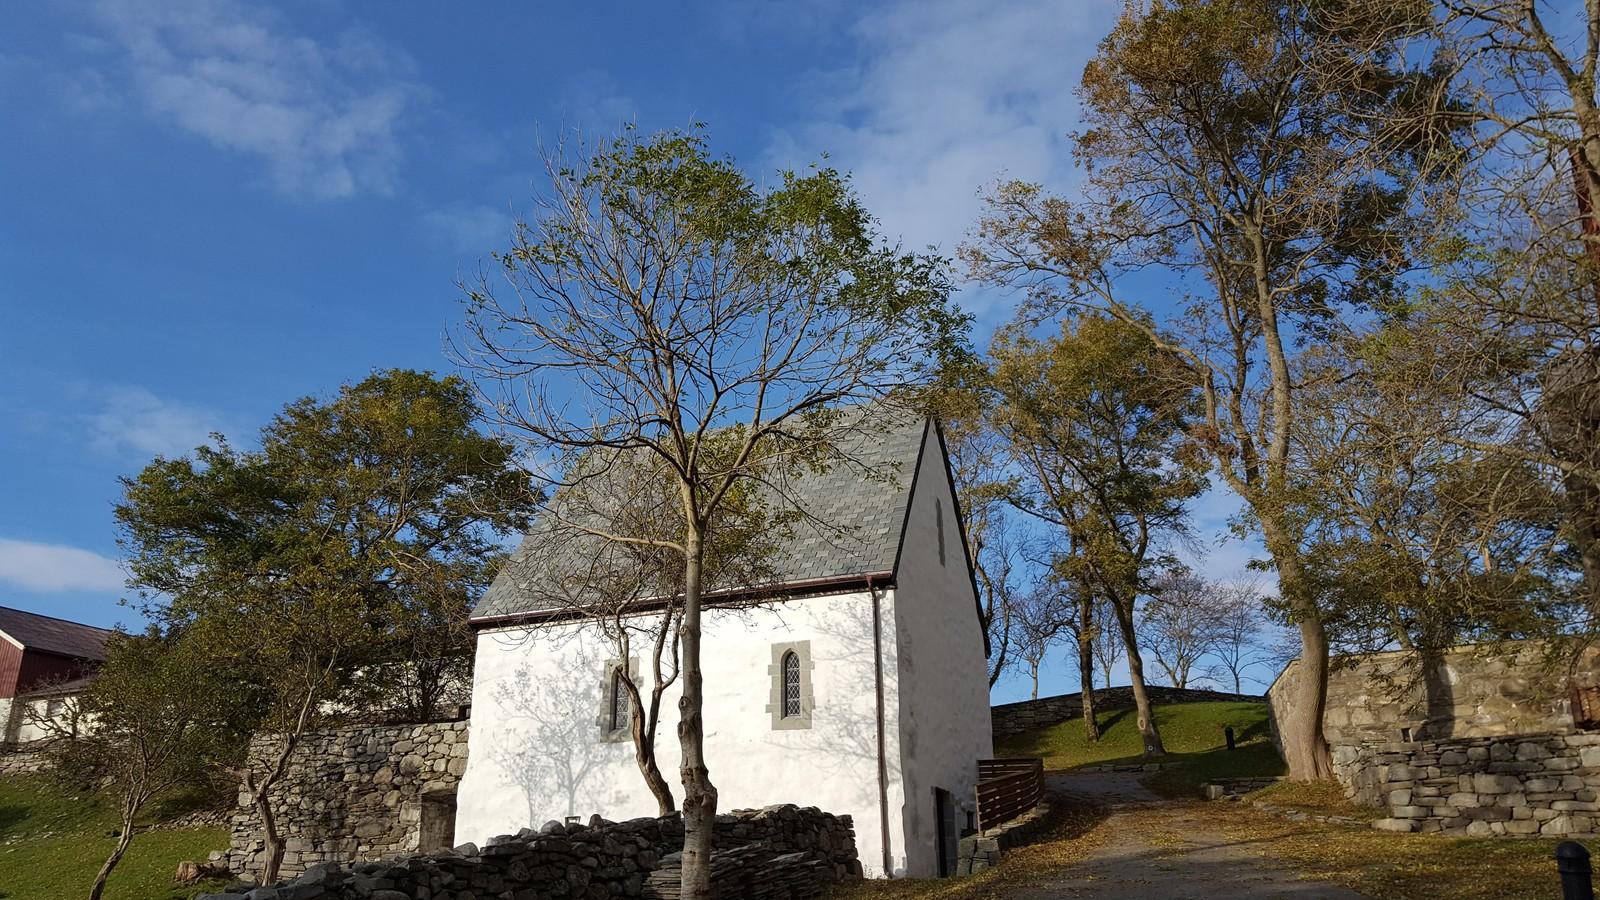 Abbedens hus på Utstein kloster i Rennesøy kommune.